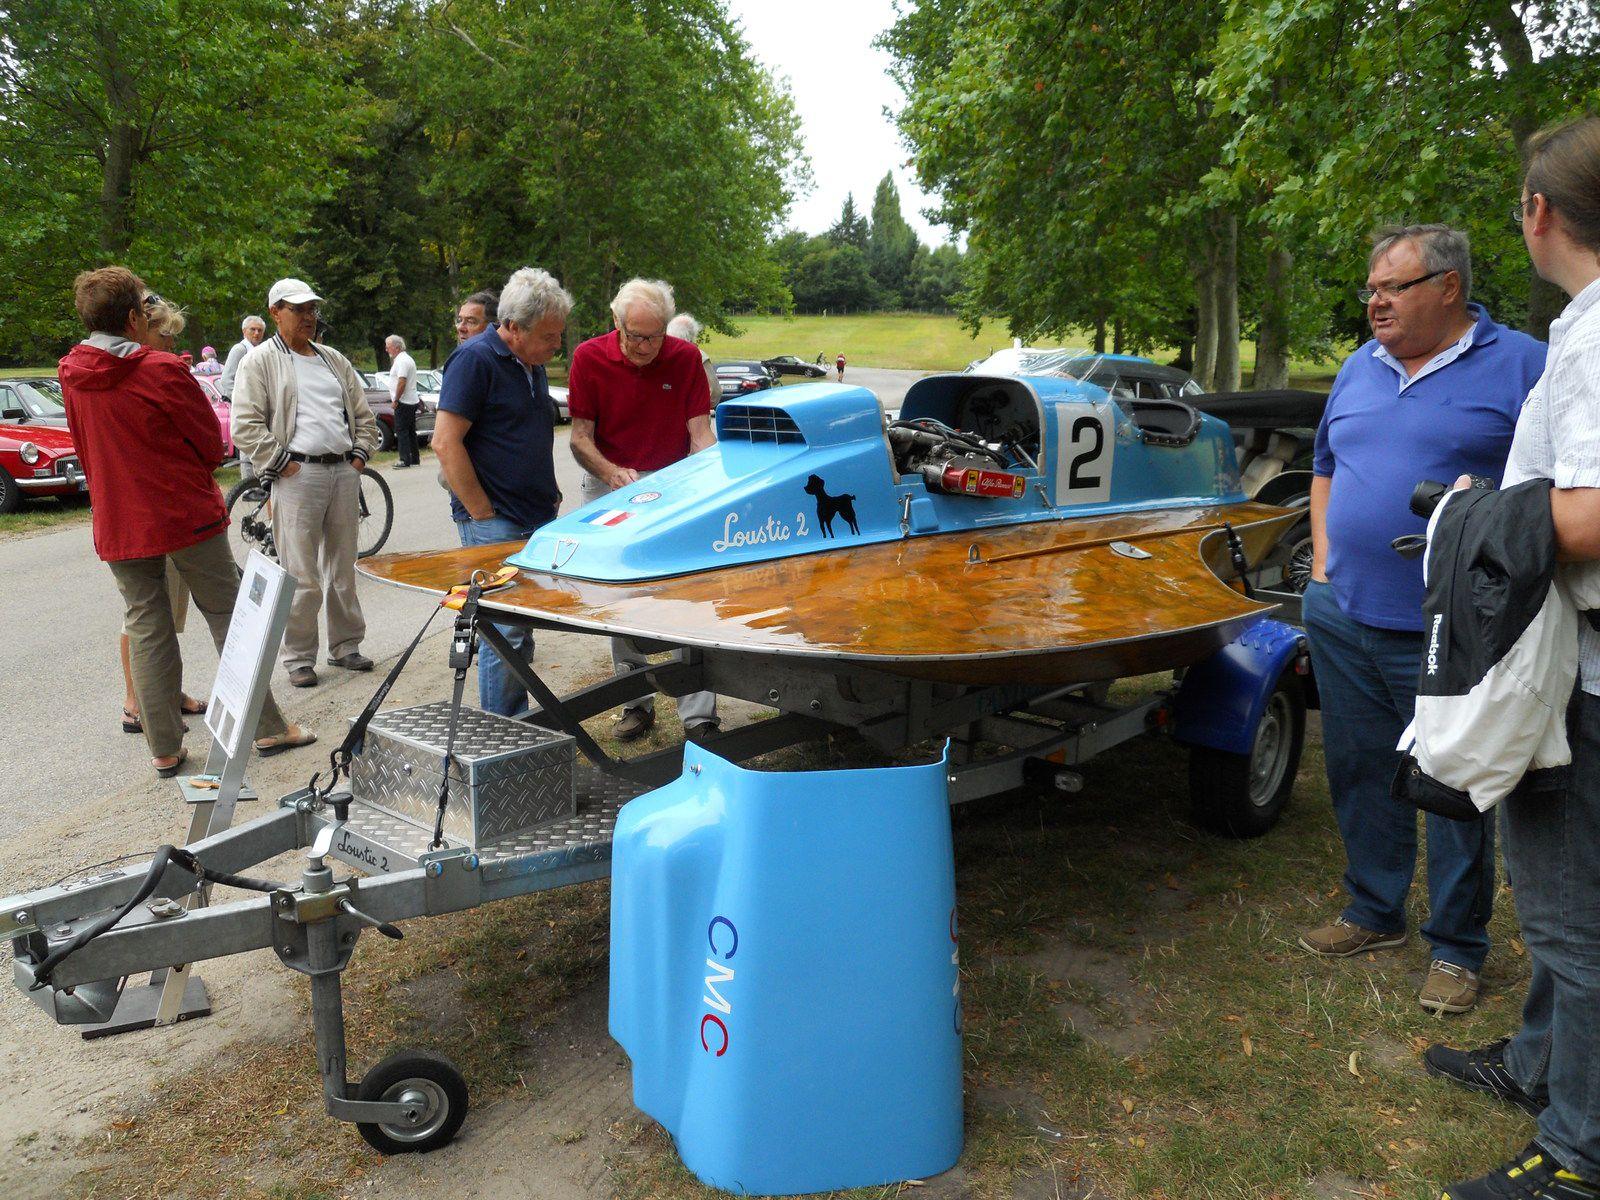 1ER RONOBATO   Réunion rétronautisme  bateaux de collection à moteur  et soupapes Villeneuve les Avignon –Avignon - prochainement en  2020